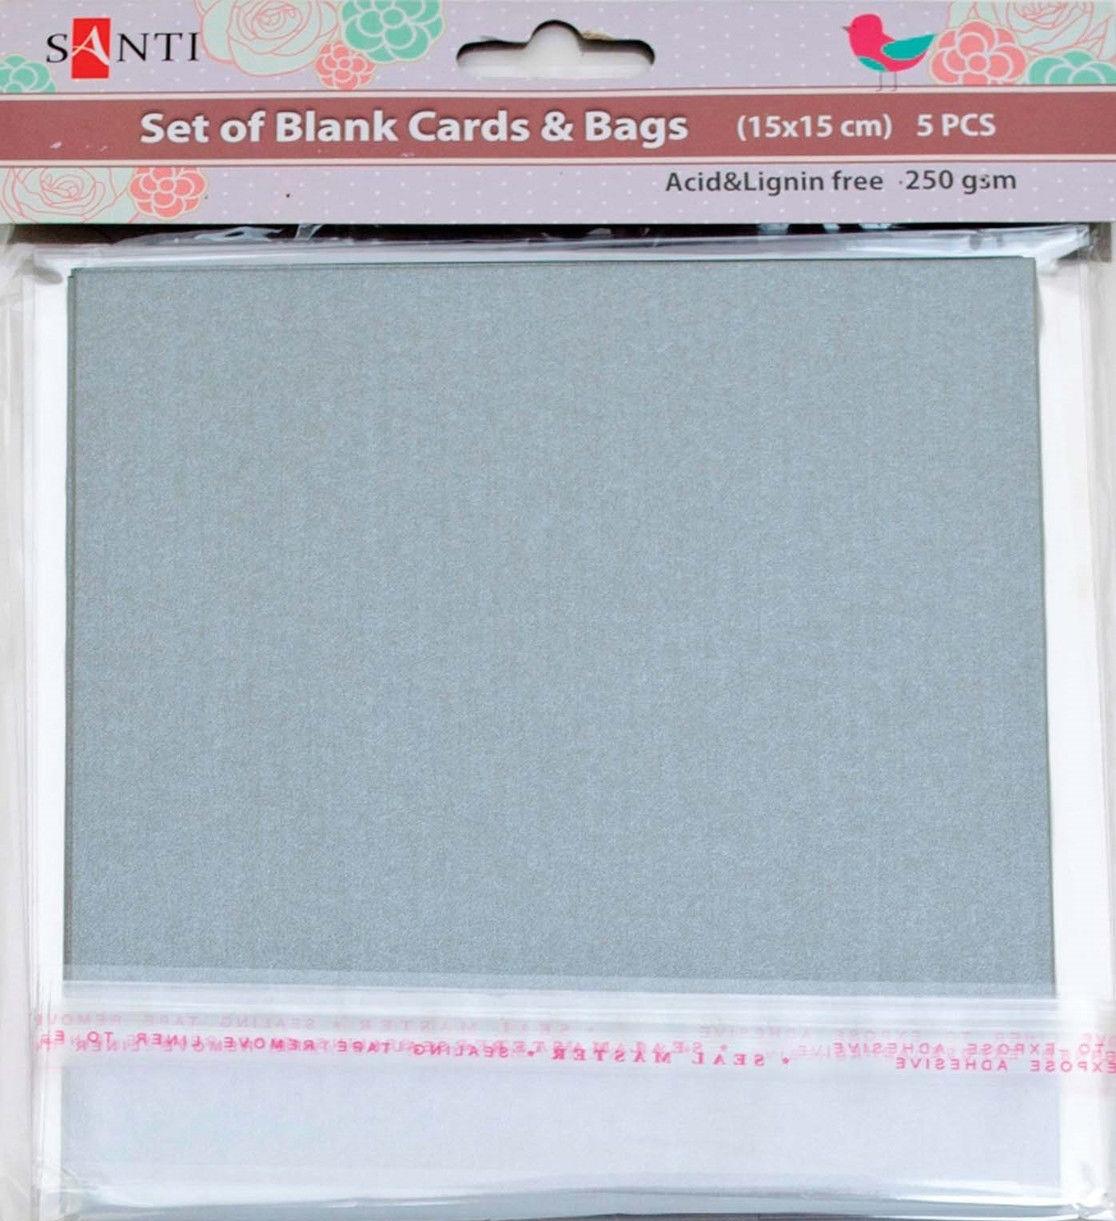 Заготовки для открыток 952248 15х15см серебро перламутр Santi - erniboom market в Херсоне